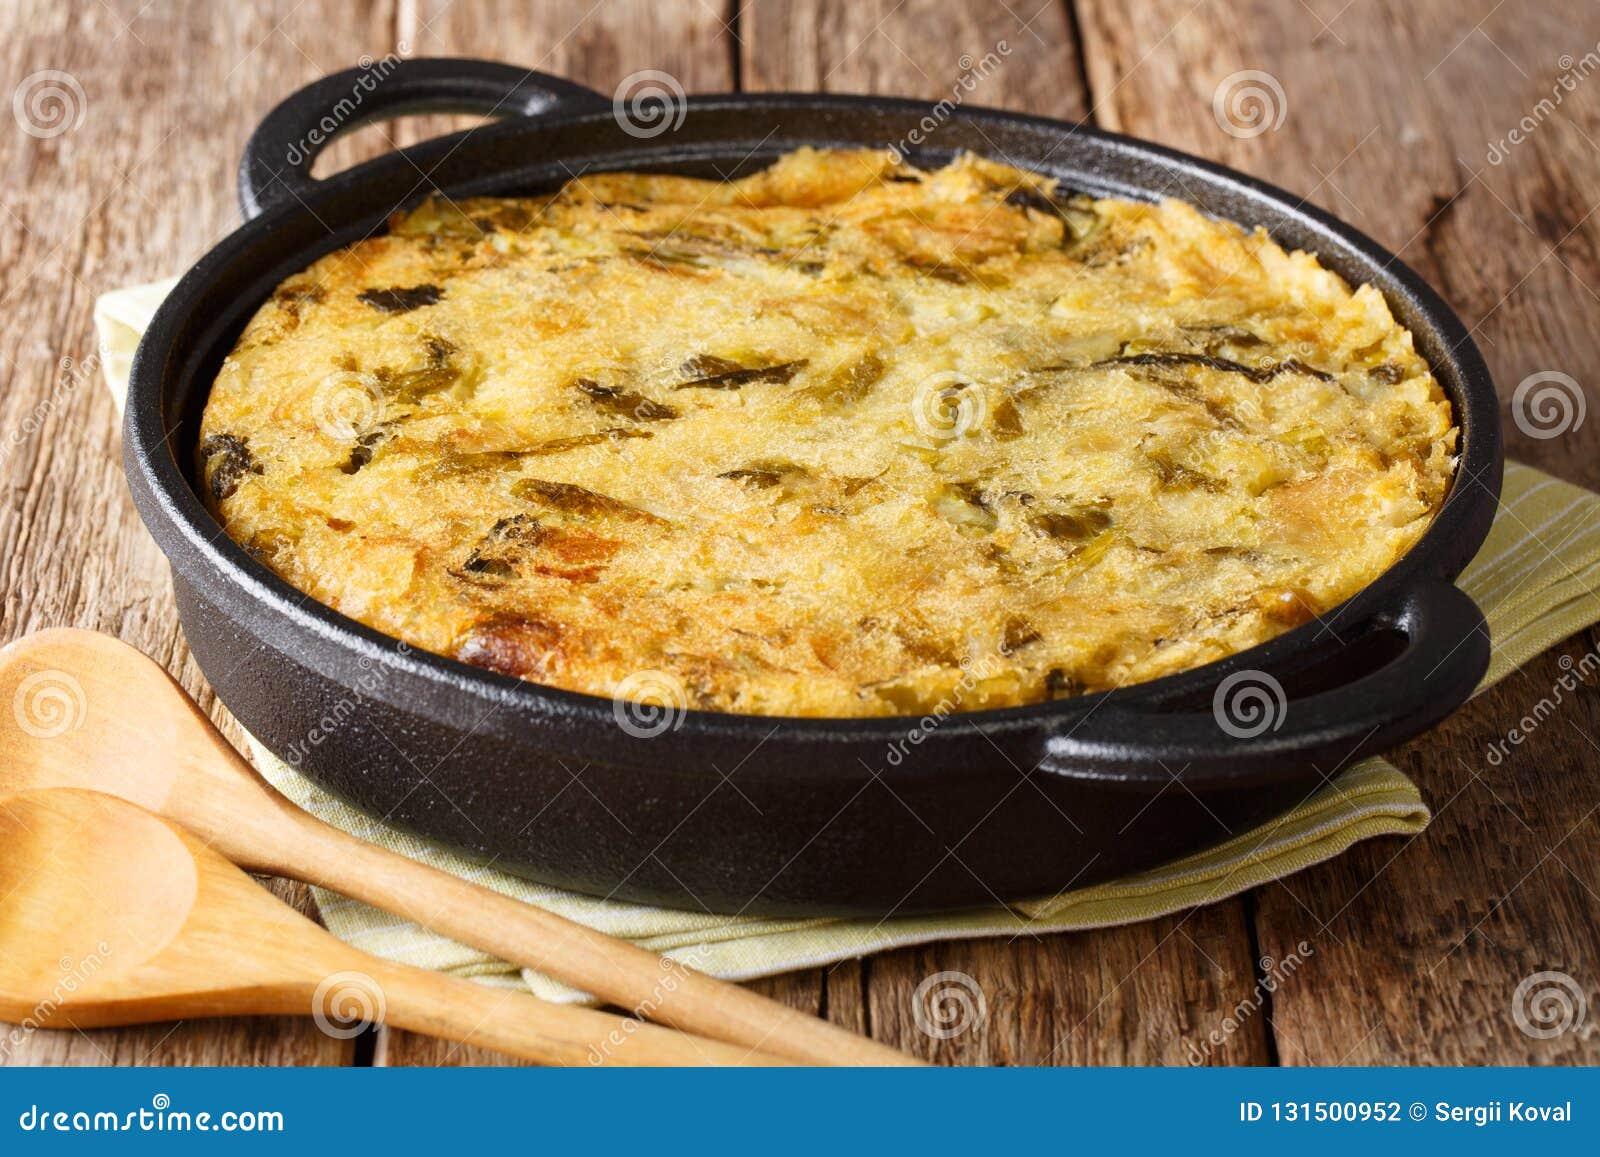 Gesunde diätetische englische Nahrungblase u. Quietschen von gebackenen Kartoffelpürees mit Kohl und Rosenkohl in einer Wanne auf